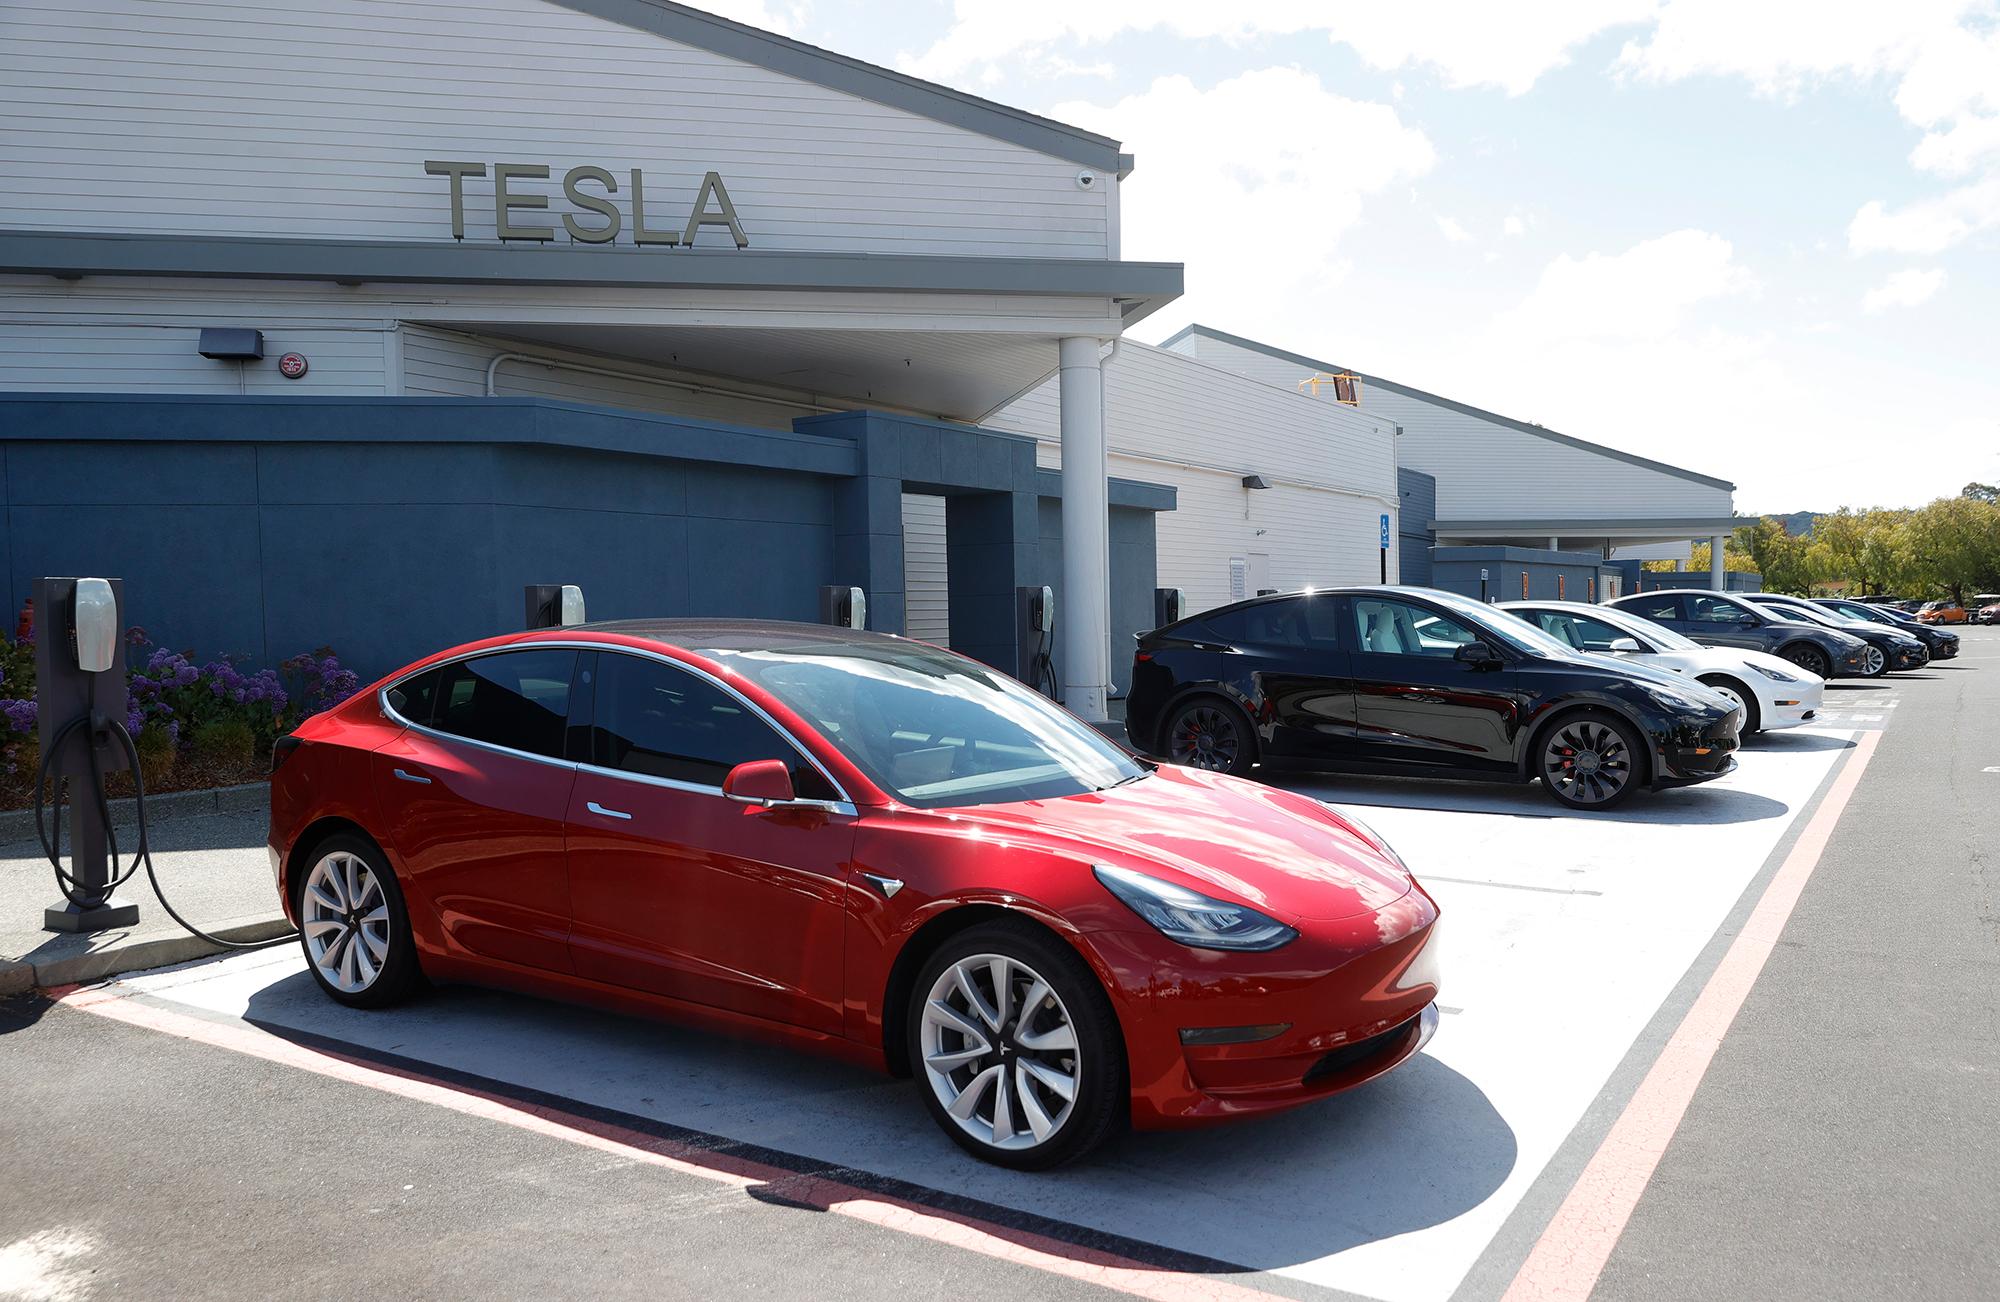 Major Tesla investor dumps a big chunk of shares